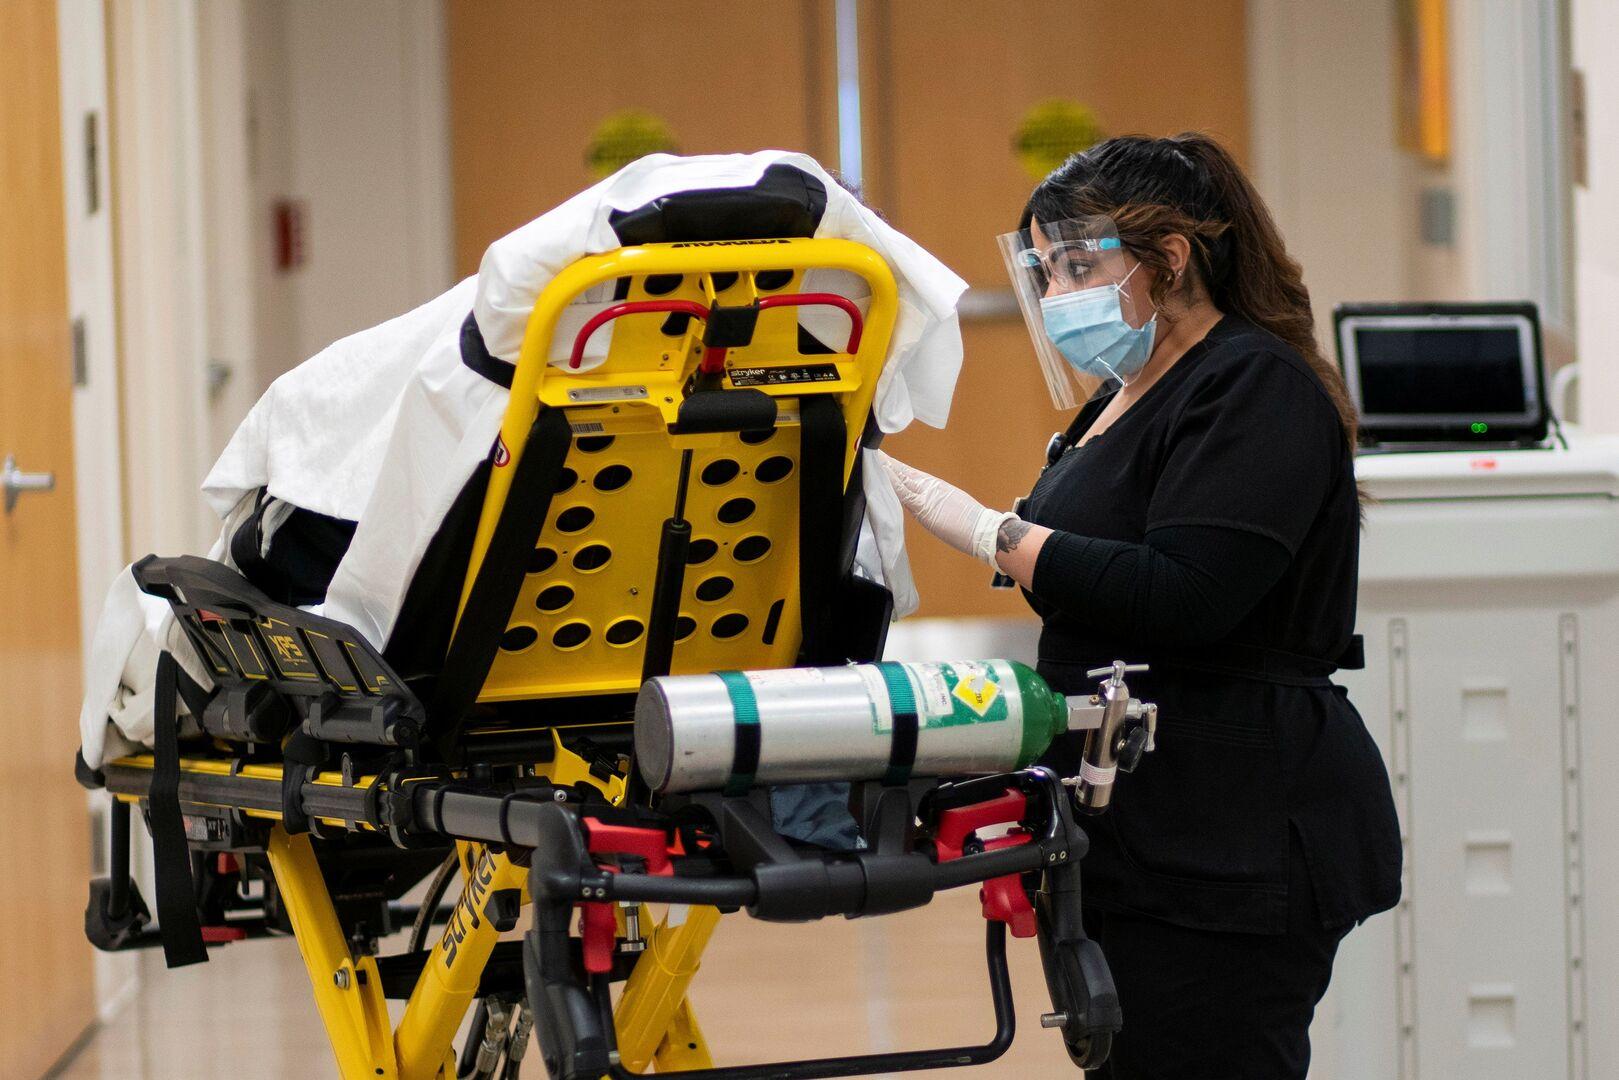 عدد الوفيات اليومية بفيروس كورونا في الولايات المتحدة يتجاوز 4 آلاف خلال الـ24 ساعة الماضية